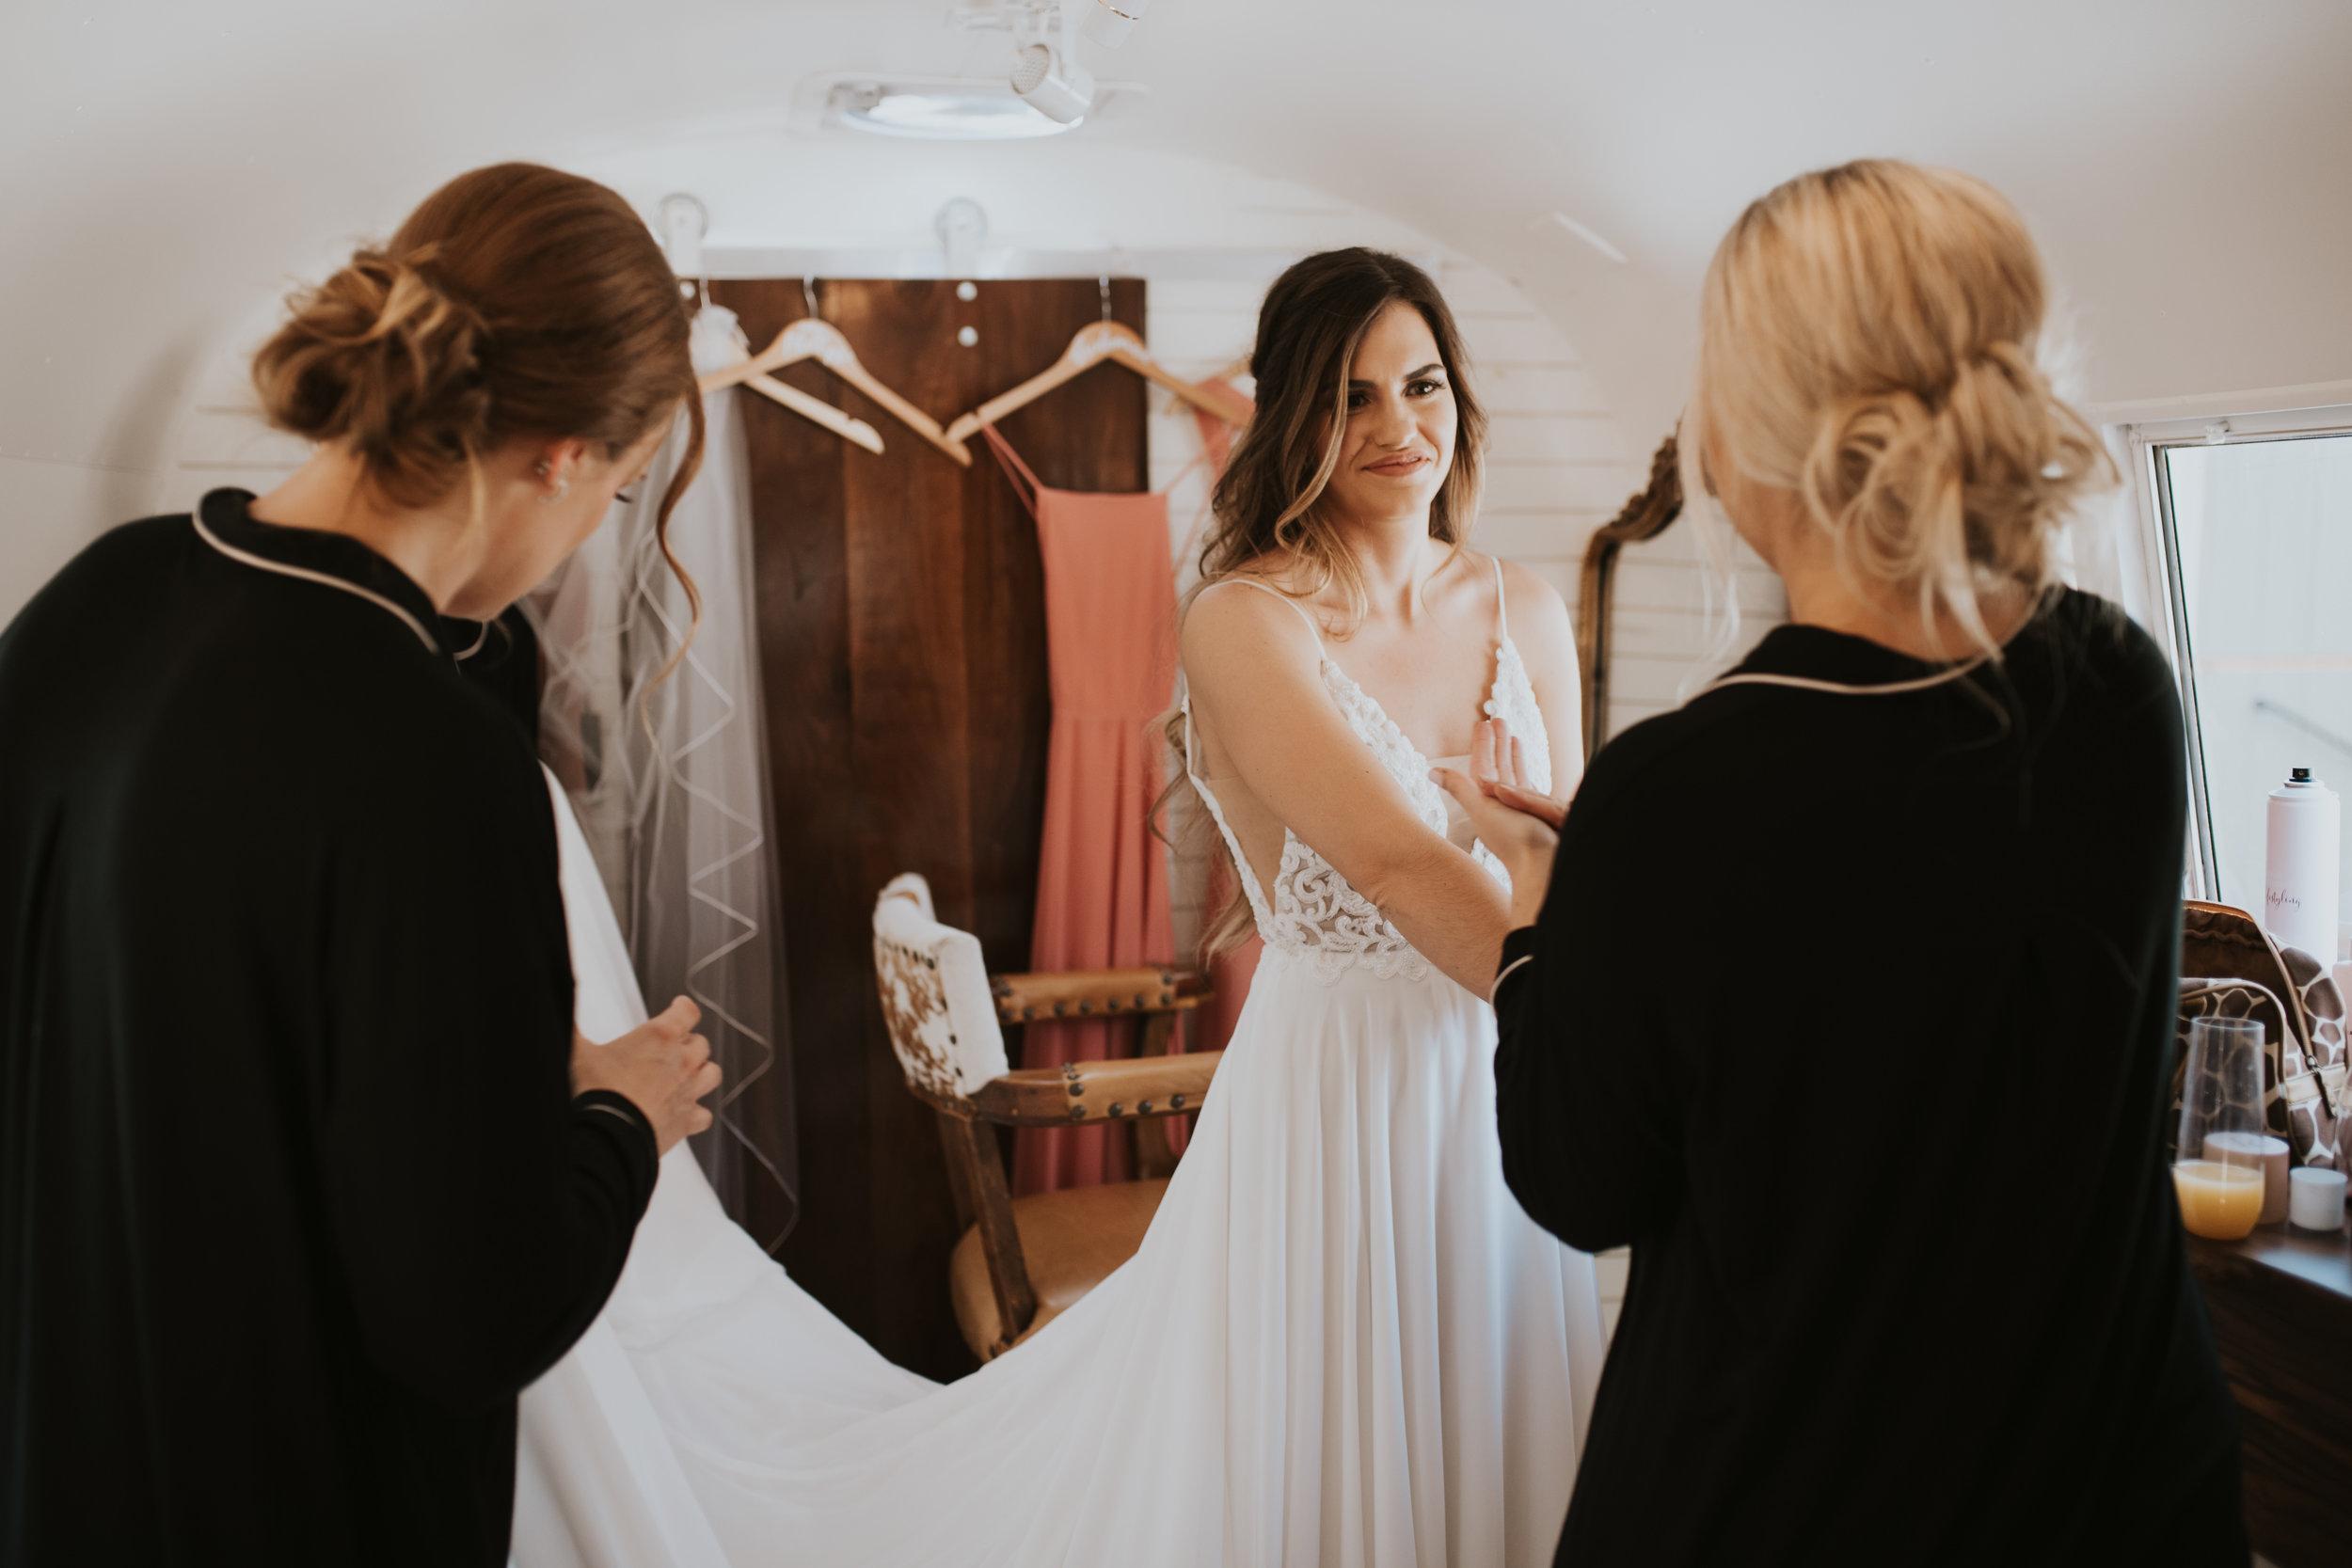 spokane bride getting ready harestream